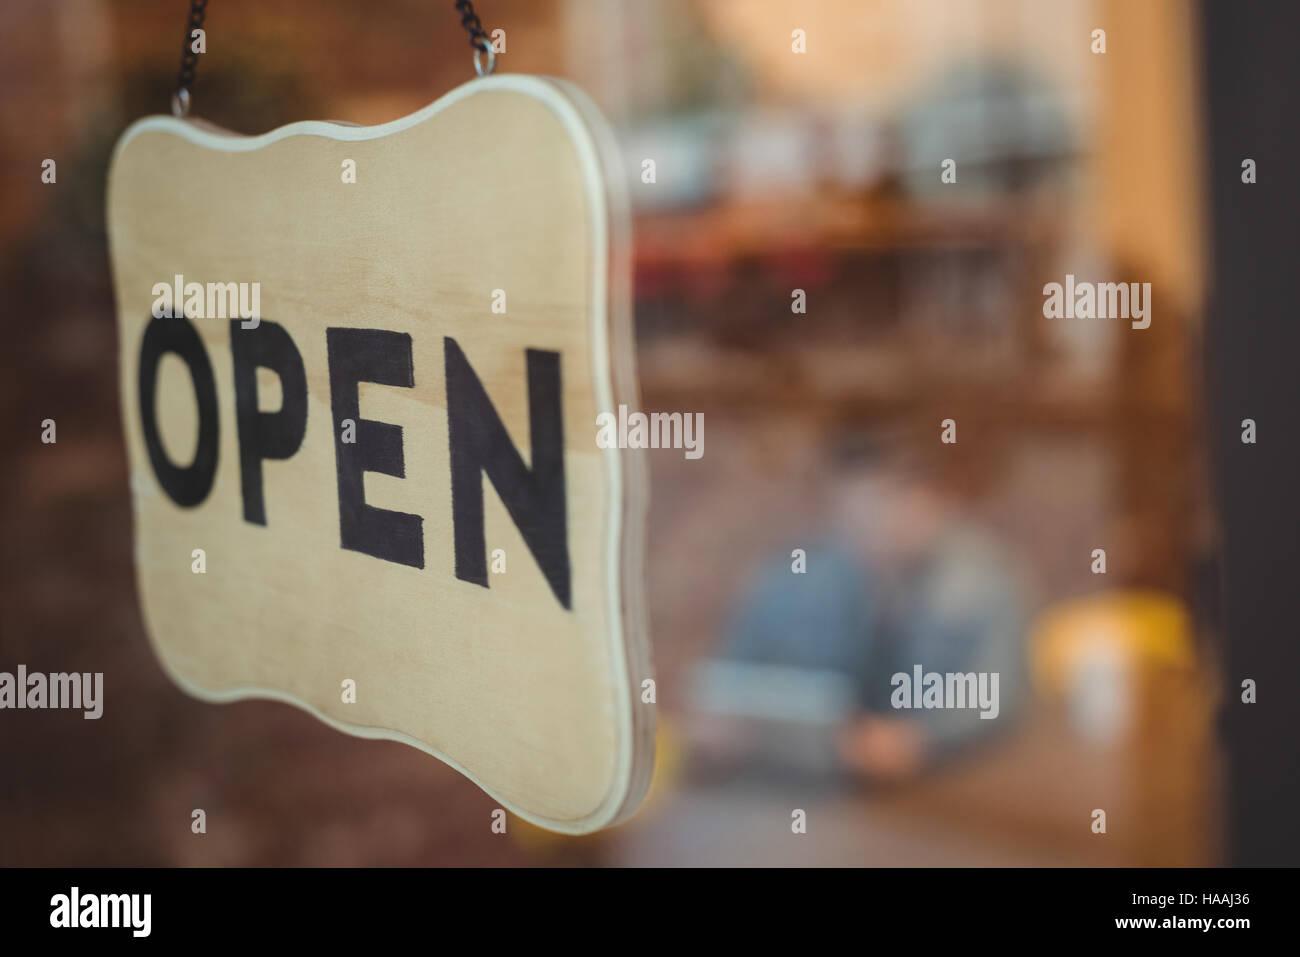 Open sign outside a café Stock Photo